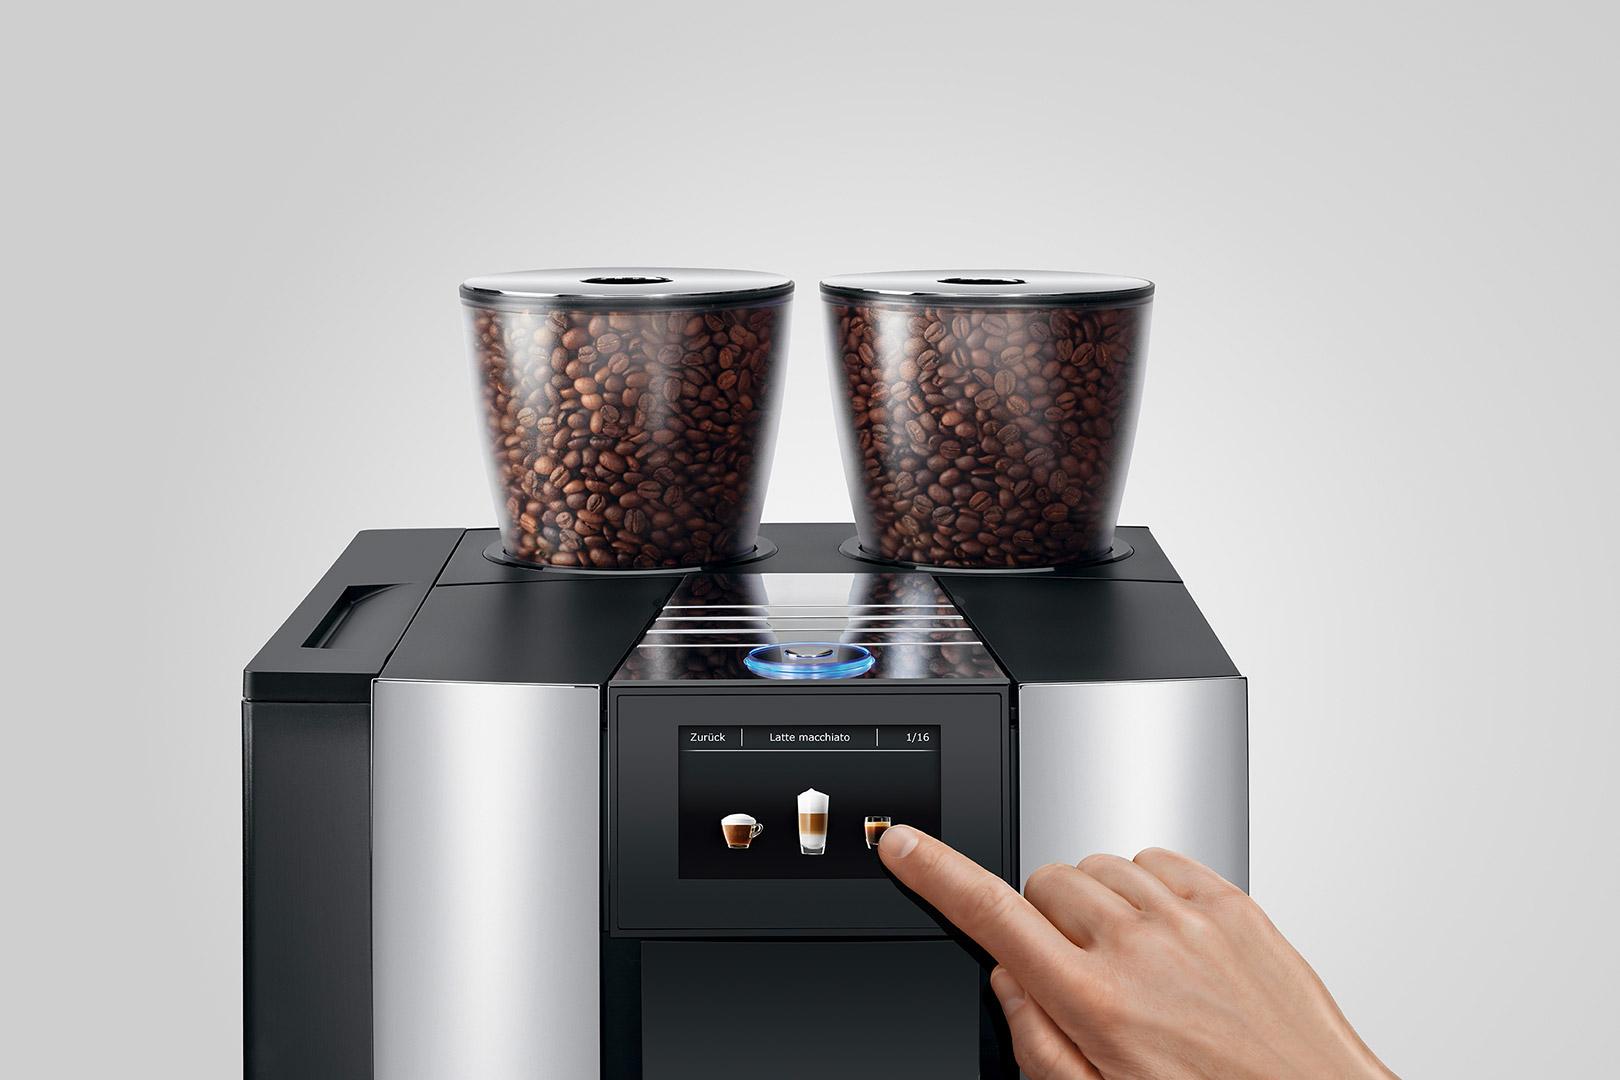 como preparar café de especialidad